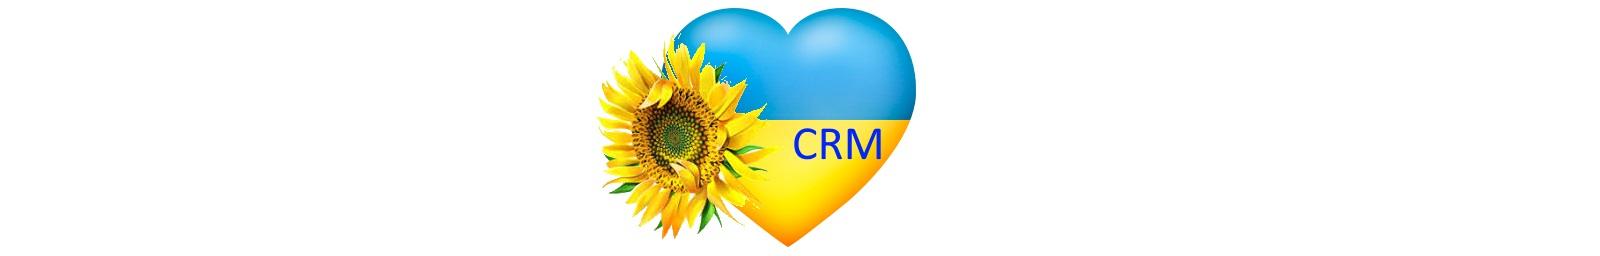 Бітрікс24 став одною з самих відомих СРМ в Україні